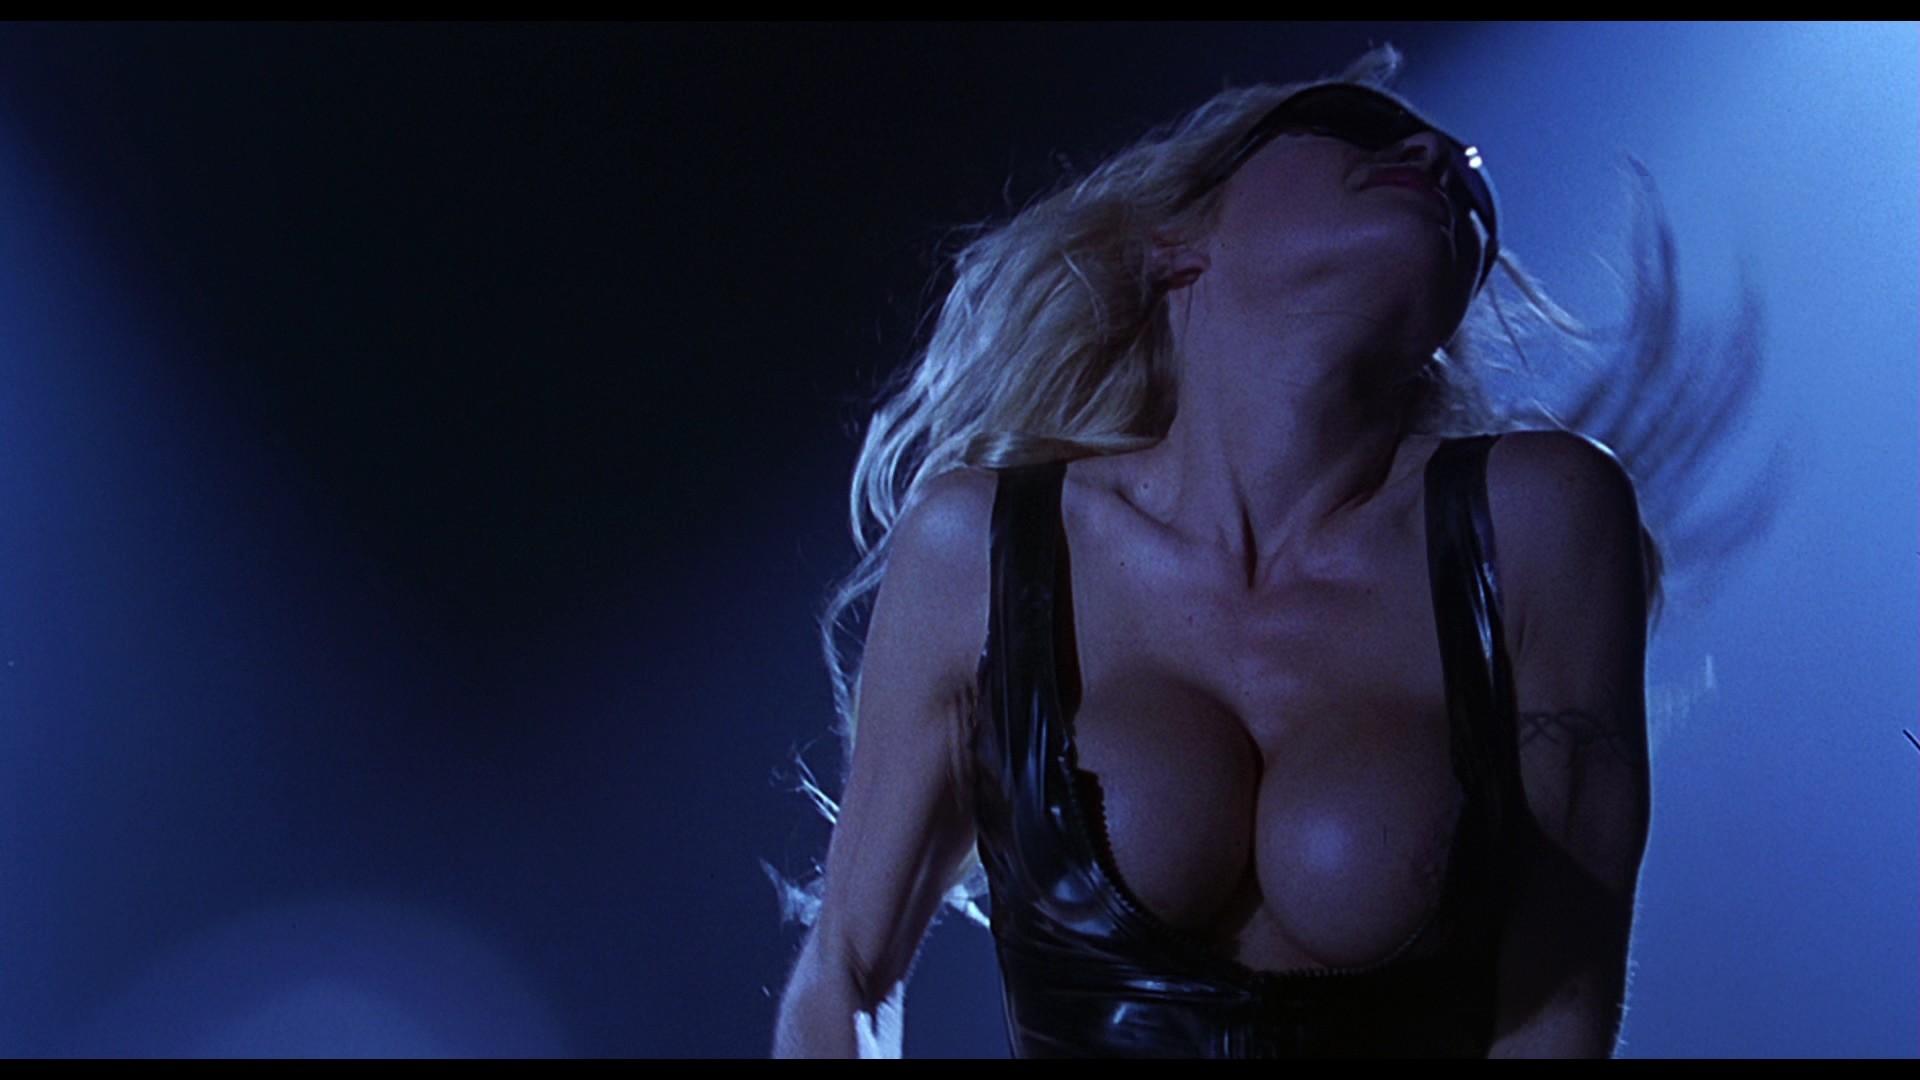 Nude pics nude photos nude downloads